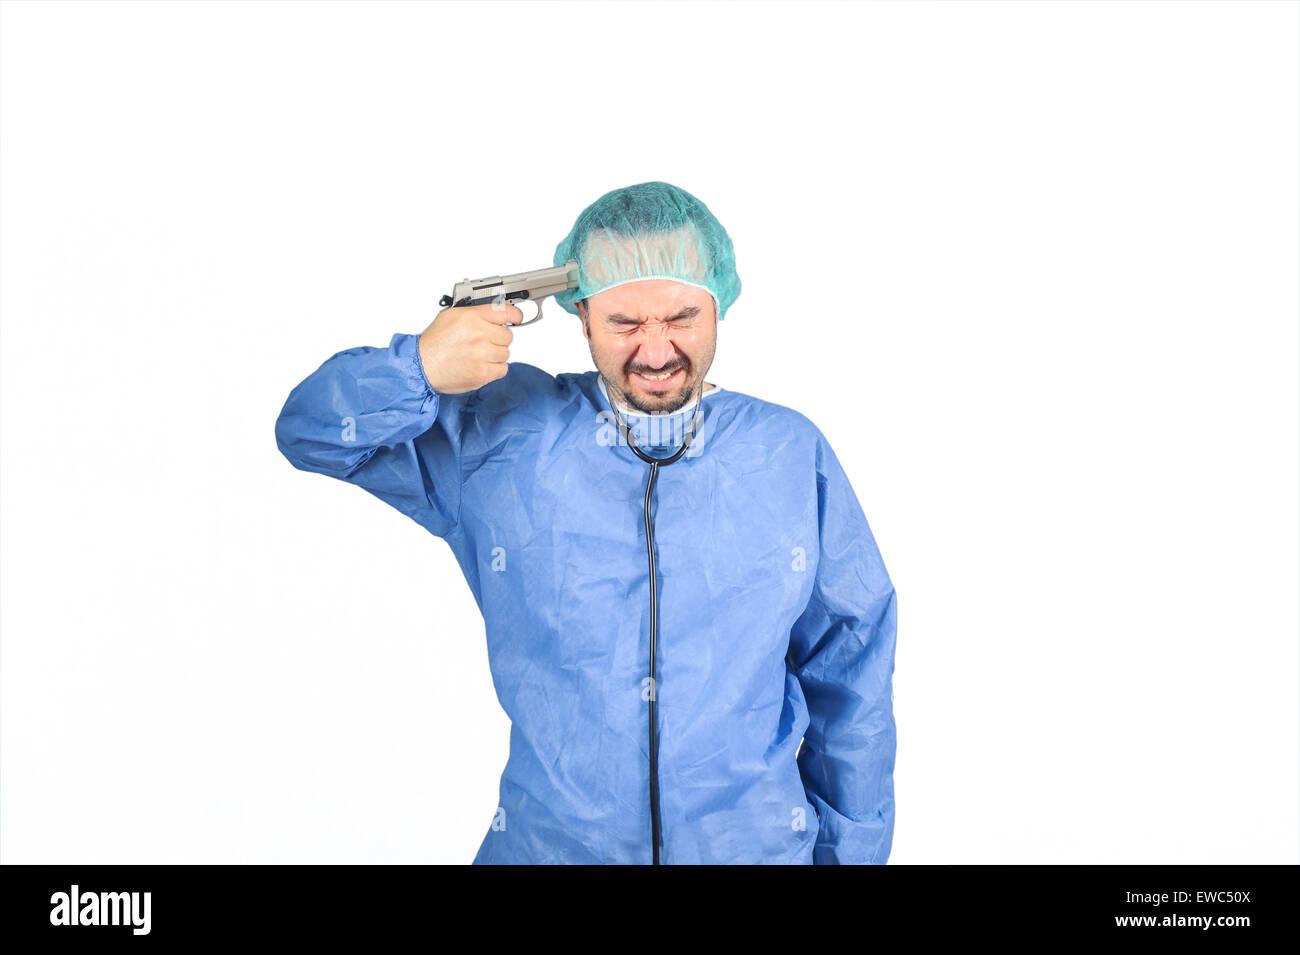 Cirujano planeando el suicidio, la pistola en la cabeza ojos cerrados aislados sobre fondo blanco. Imagen De Stock